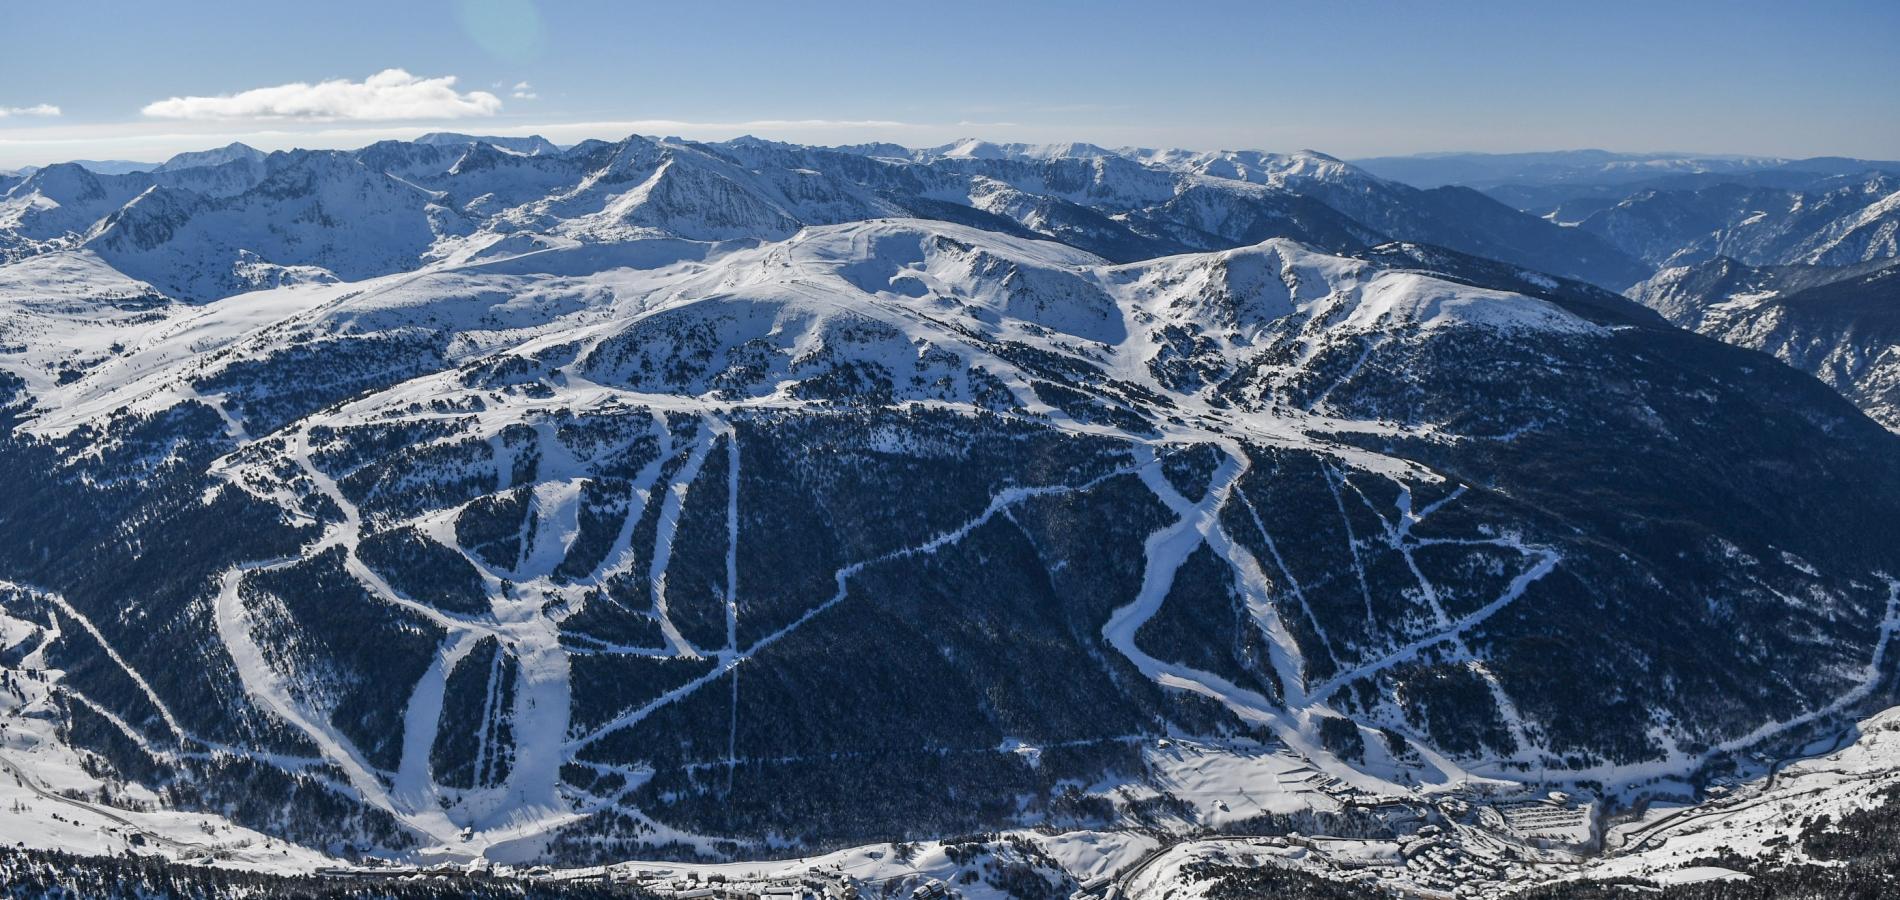 """Grandvalira culmina 3 anys de feina per fer realitat l'esdeveniment més gran de la seva història Els dos traçats on es disputaran les diferents proves estan pràcticament a punt per a la gran cita que tindrà lloc de l'11 al 17 de març Marcel Hirscher i Mikaela Shiffrin encapçalen la classificació de la competició, actualment aturada per la celebració dels Campionats del món a Suècia  Andorra la Vella, 8 de febrer del 2019. Des que l'octubre del 2015 la Federació Internacional d'Esquí (FIS) va escollir els sectors de Soldeu El Tarter de Grandvalira per a la celebració de les Finals de la Copa del Món d'esquí alpí del 2019, l'estació ha treballat incansablement per fer realitat l'esdeveniment esportiu més gran de la història d'Andorra. La gran cita serà de l'11 al 17 de març, quan el país rebrà els millors esquiadors i esquiadores del món, que lluitaran pel títol a les pistes Àliga d'El Tarter, on es disputaran les proves de velocitat, i Avet (Soldeu), escenari de les disciplines tècniques. Durant aquest temps, i més intensament a partir de la celebració de les finals de la Copa d'Europa de l'any passat, s'ha treballat per tal que l'estació disposi de la darrera tecnologia i totes les eines per tal de convertir l'Àliga i l'Avet en pistes de Copa del Món de referència a Europa. Un dels projectes ambiciosos que ho poden garantir és la plataforma esquiable de Soldeu, que ha permès ampliar l'arribada de la pista Avet, disposar de més espai per a les graderies, els equips i els patrocinadors, i millorar la logística de la retransmissió televisiva. El director general del Comitè Organitzador, Conrad Blanch, ha explicat durant la presentació d'aquest divendres que l'estació """"està preparada per oferir al món la seva millor cara"""". Després d'enllestir la nova plataforma, els equips tècnics s'han centrat durant les darreres setmanes en posar a punt els dos traçats on es disputaran les diferents proves. Blanch ha explicat que el traçat de la pista Avet està ja a punt, mentre que p"""